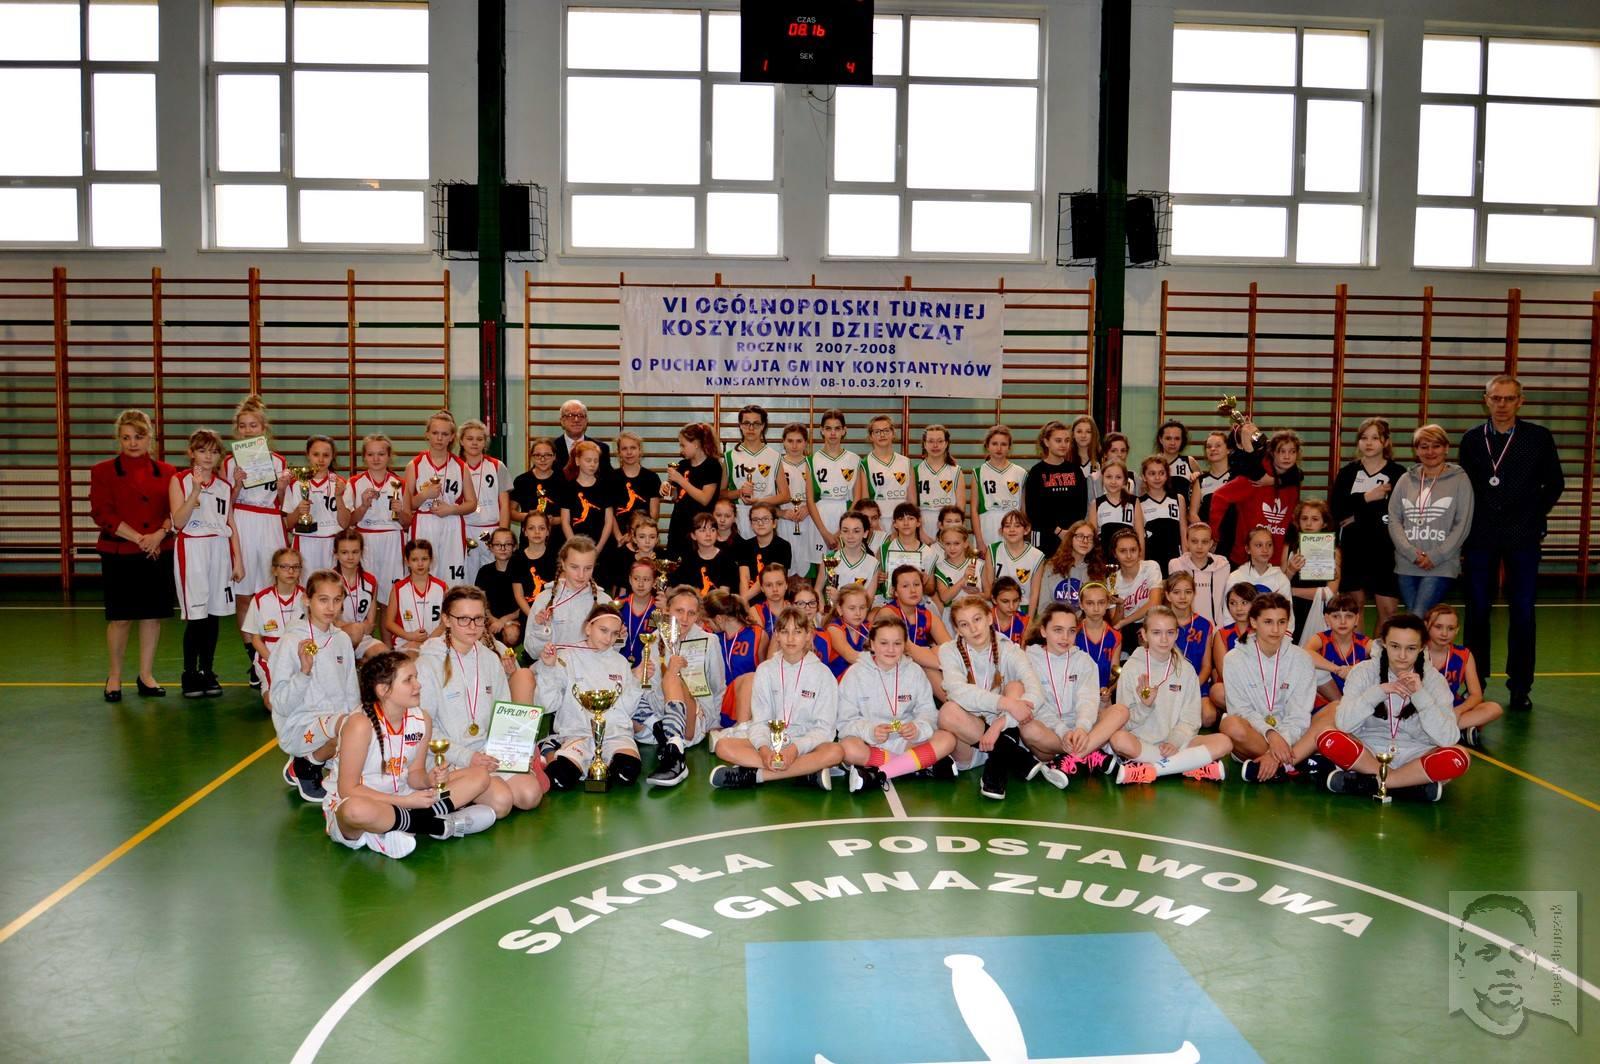 MOSiR Bochnia rocznik 2007 i młodsze zwycięża w VI Ogólnopolskim Turnieju Koszykówki w Konstantynowie!